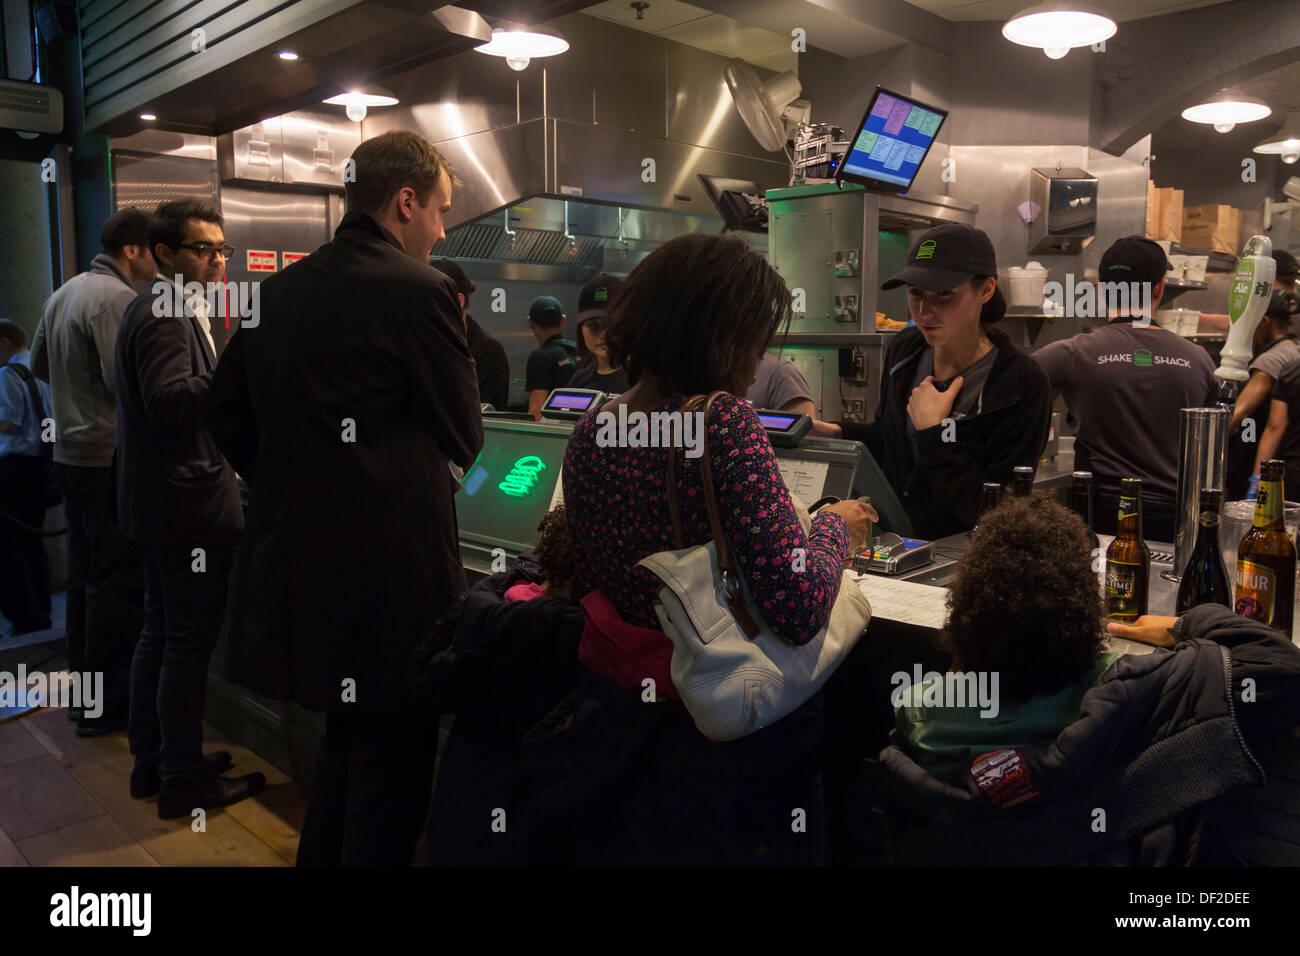 Shake Shack Burger Restaurant - Covent Garden - London - Stock Image